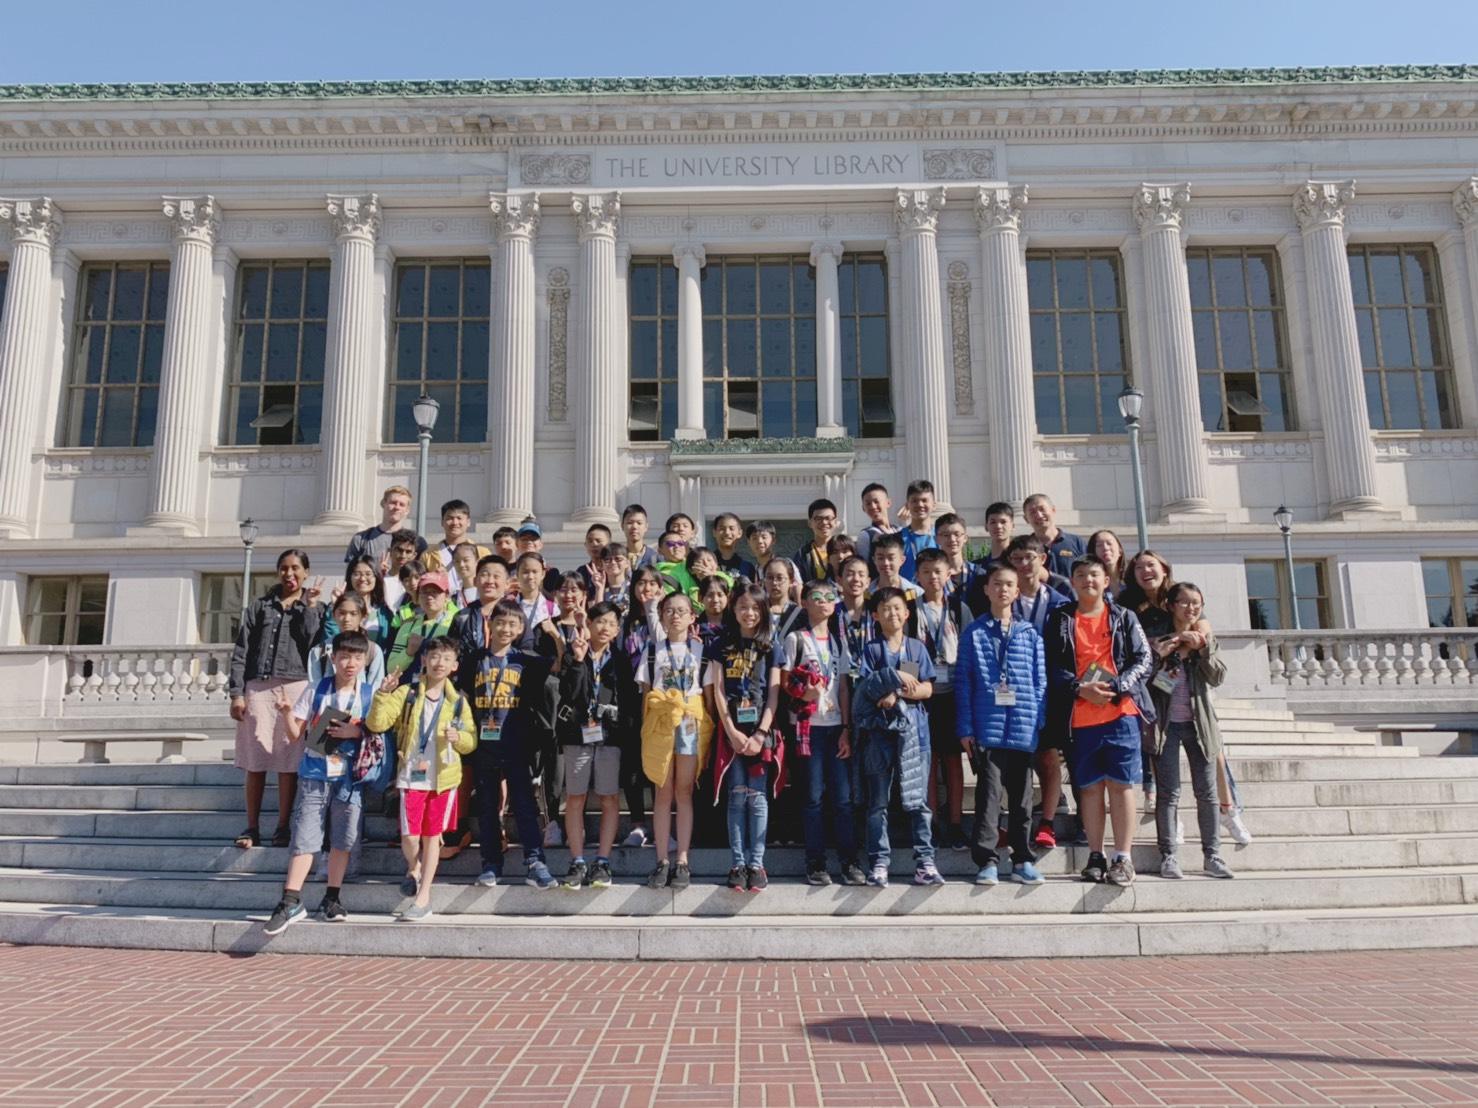 柏克萊大學最重要的圖書館